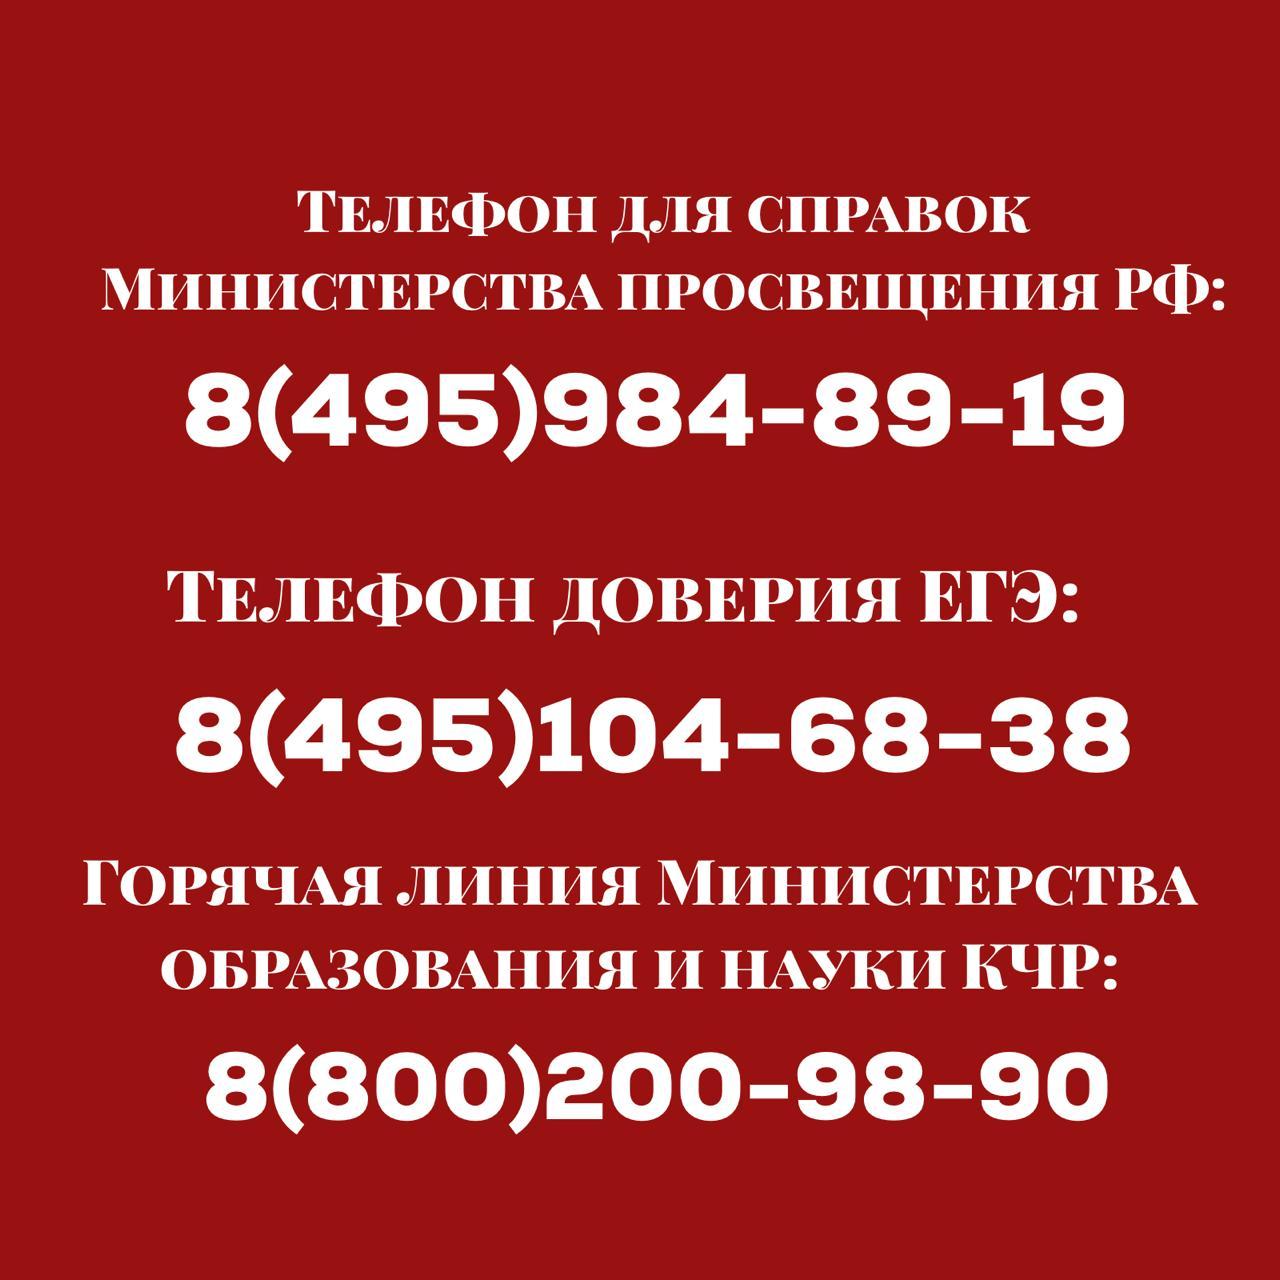 Телефон для справок Министерства просвещения РФ